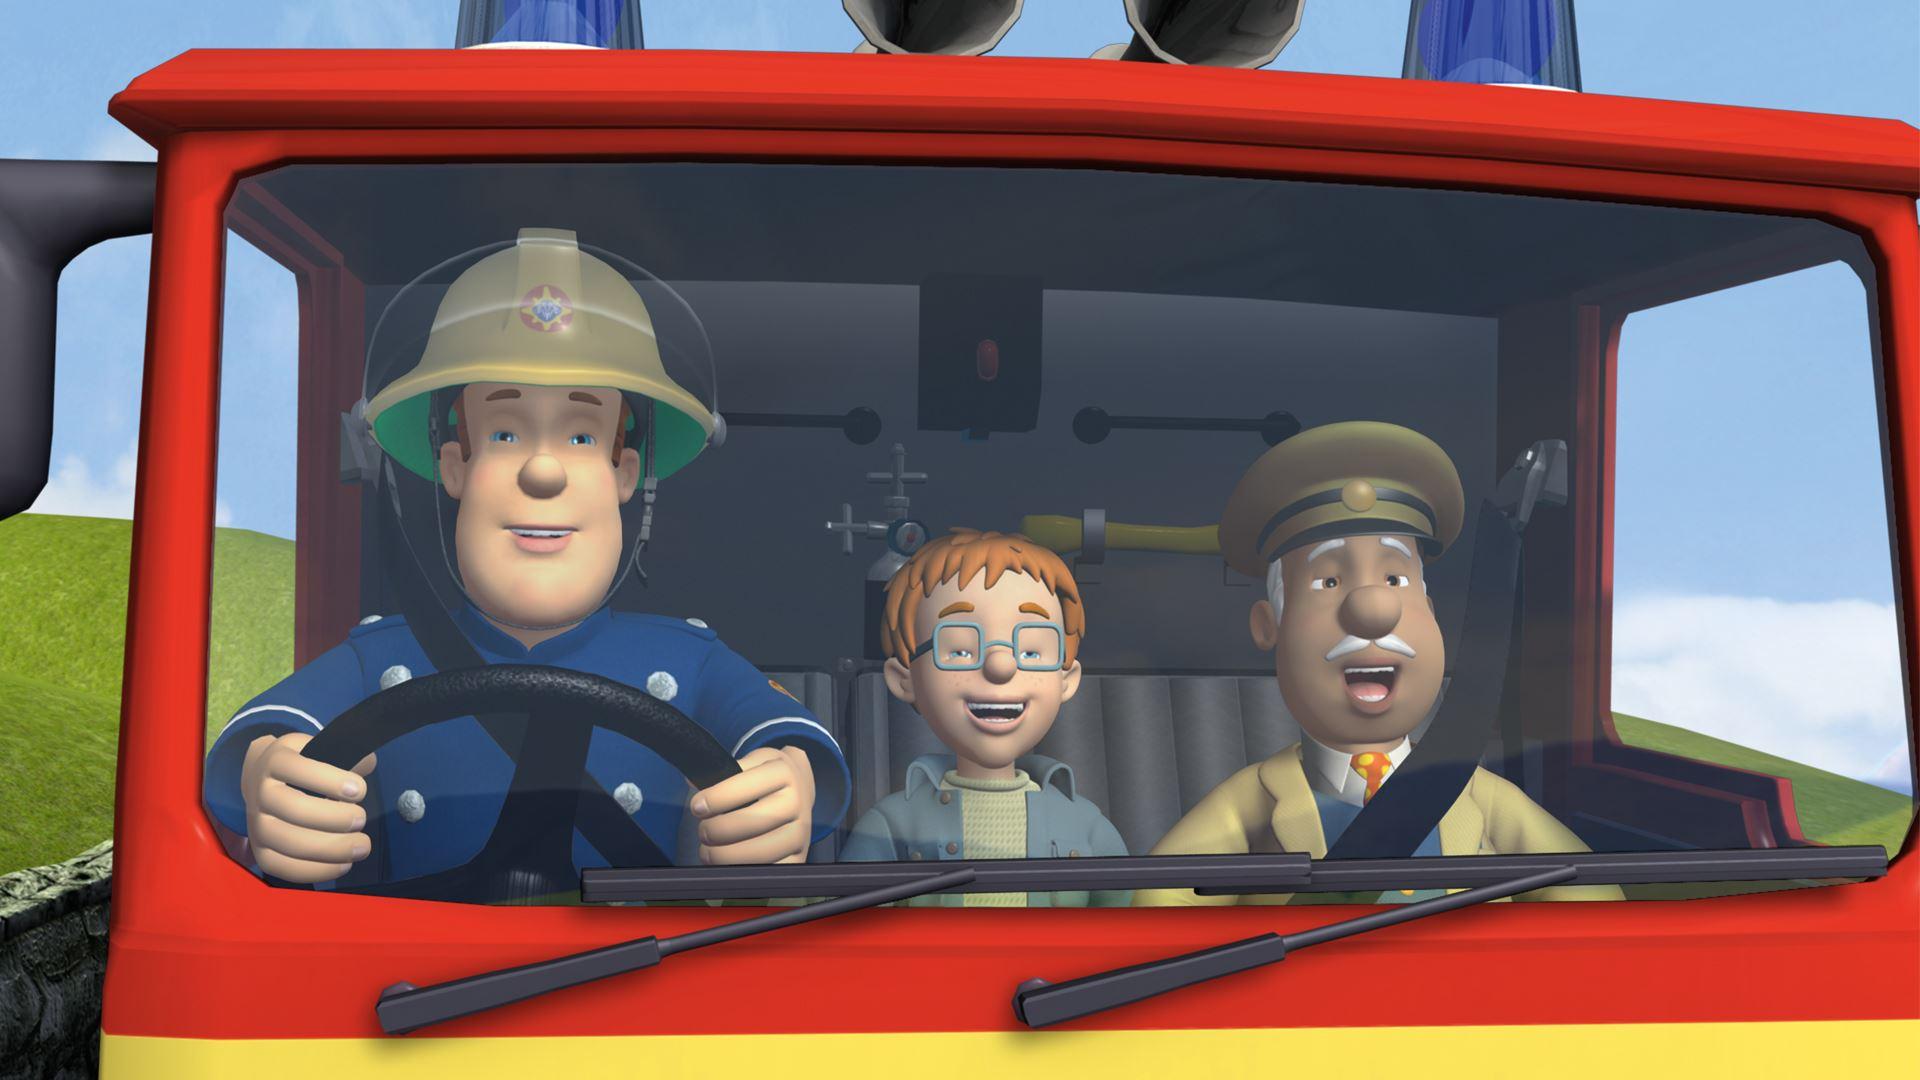 Une surprise de no l no lissime t l qu bec - Sam le pompier noel ...